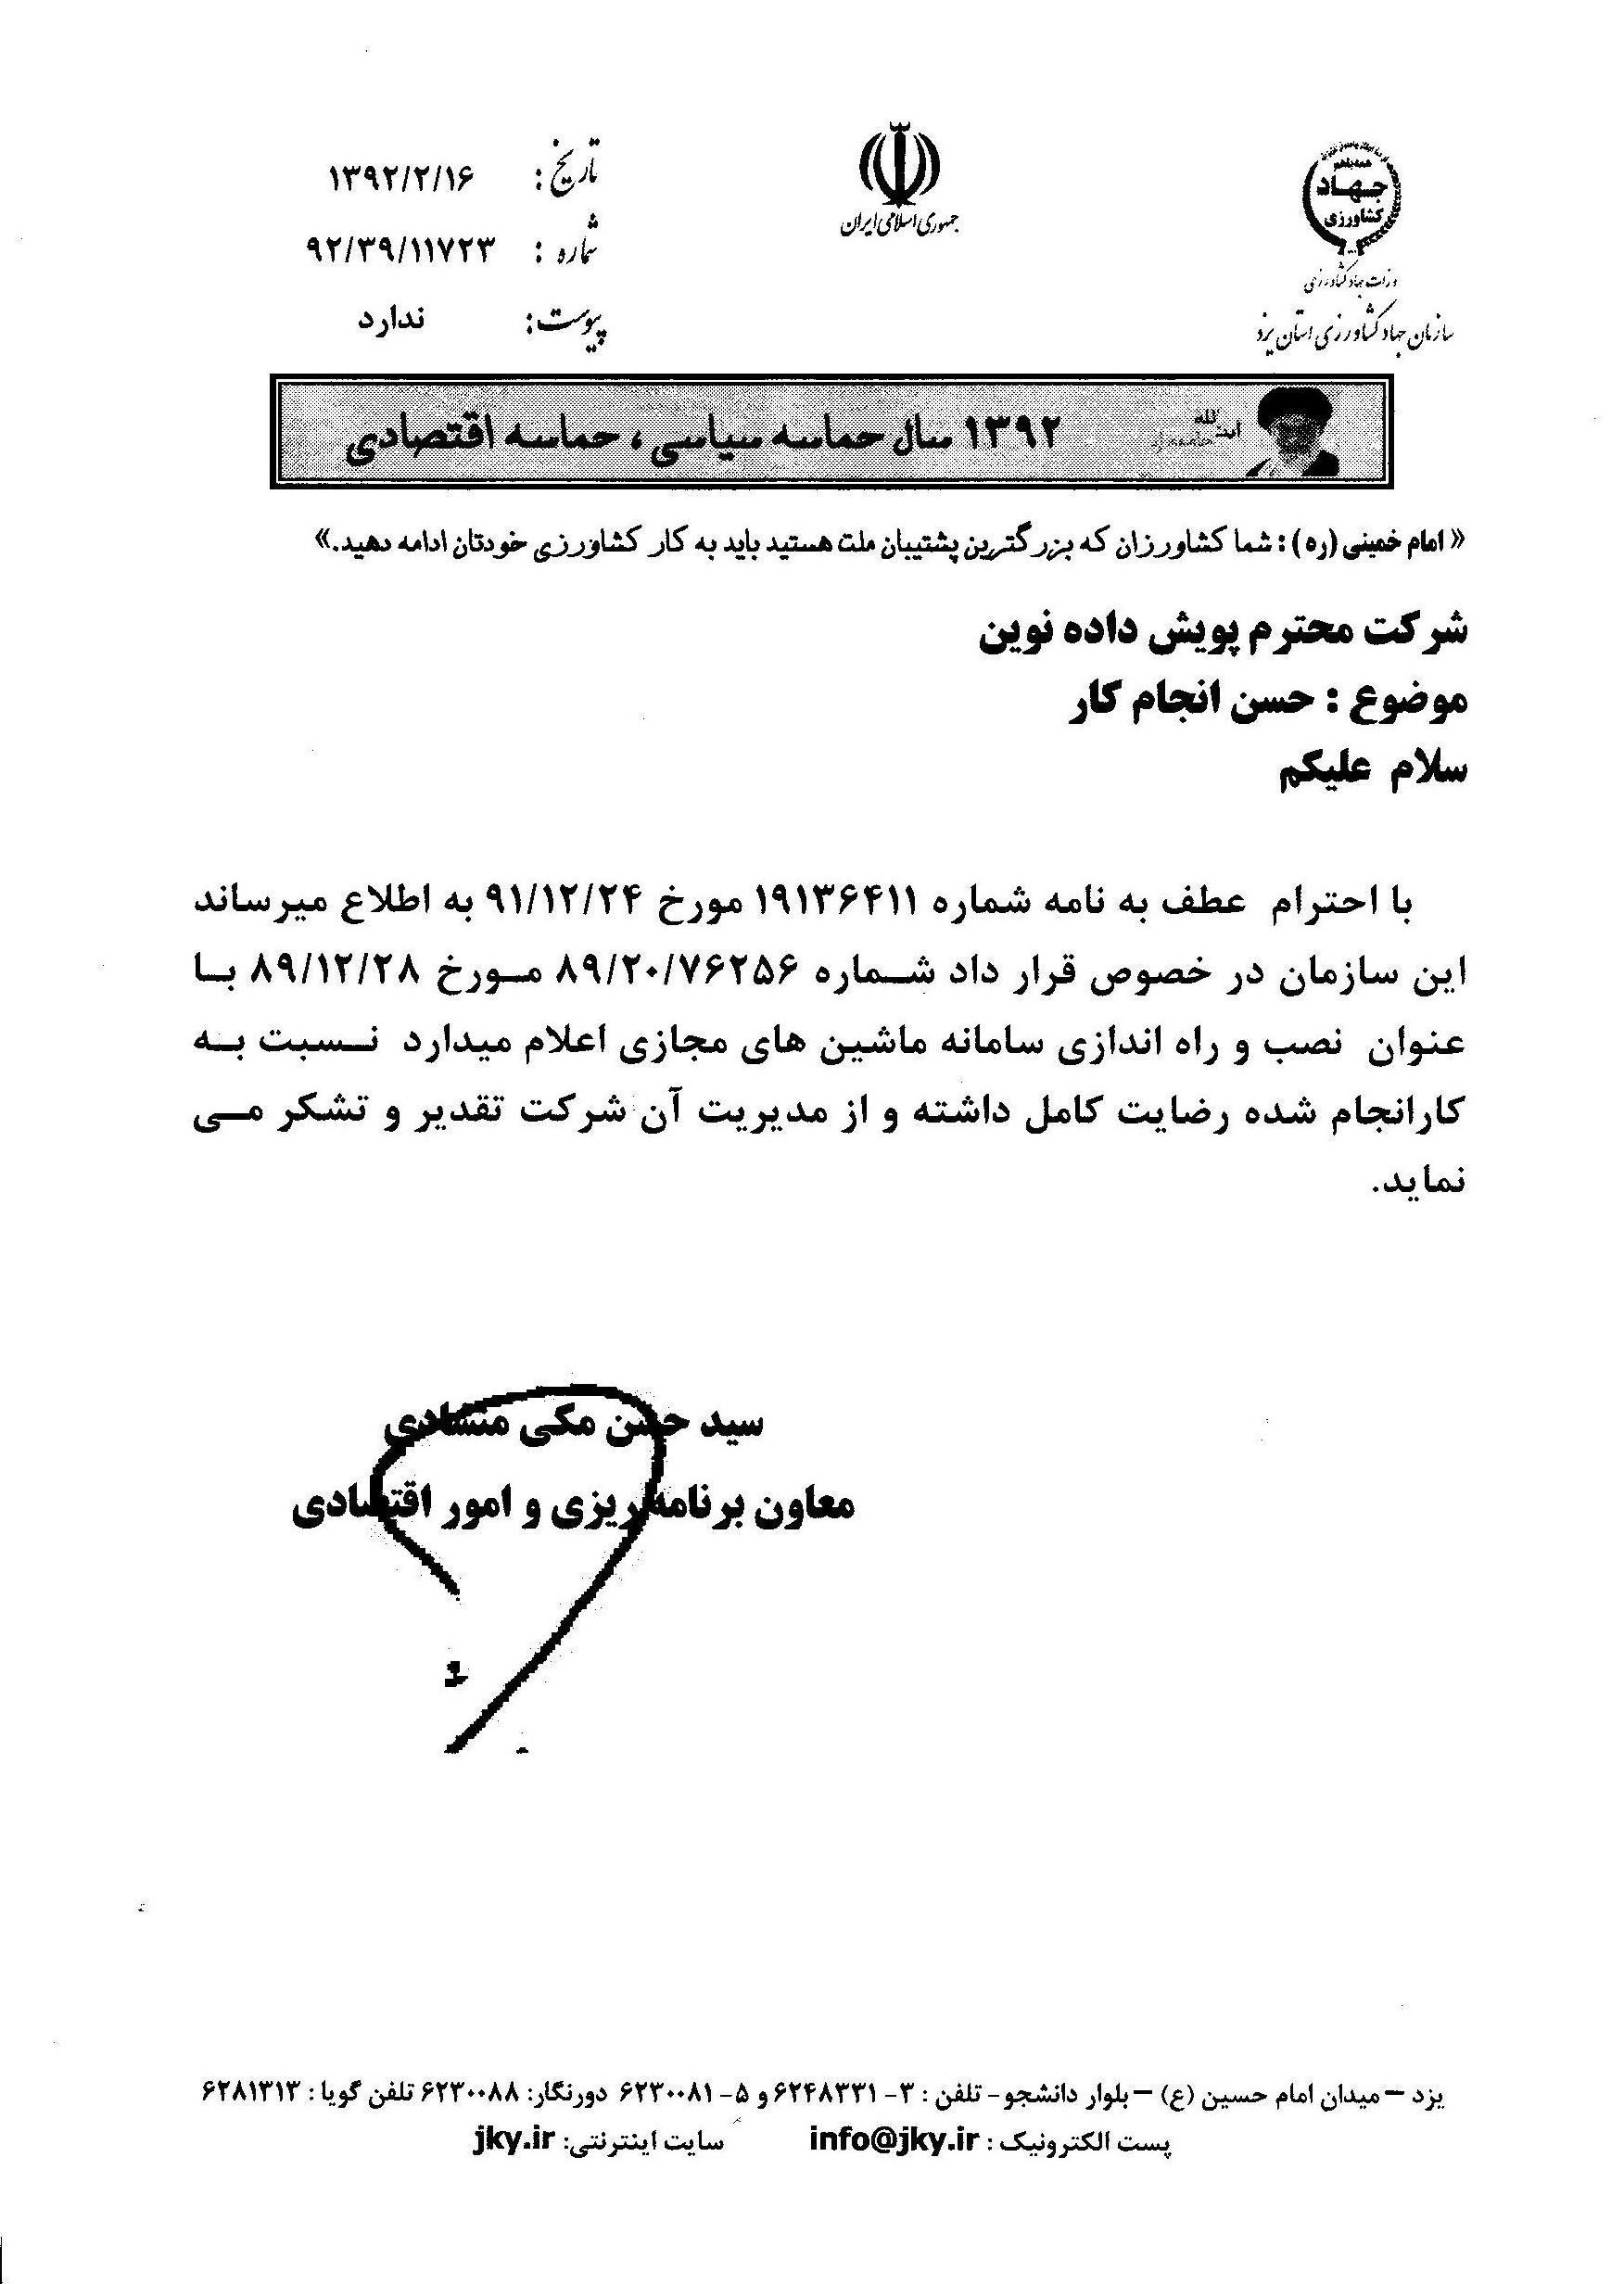 سازمان جهاد کشاورزی استان یزد.jpg -